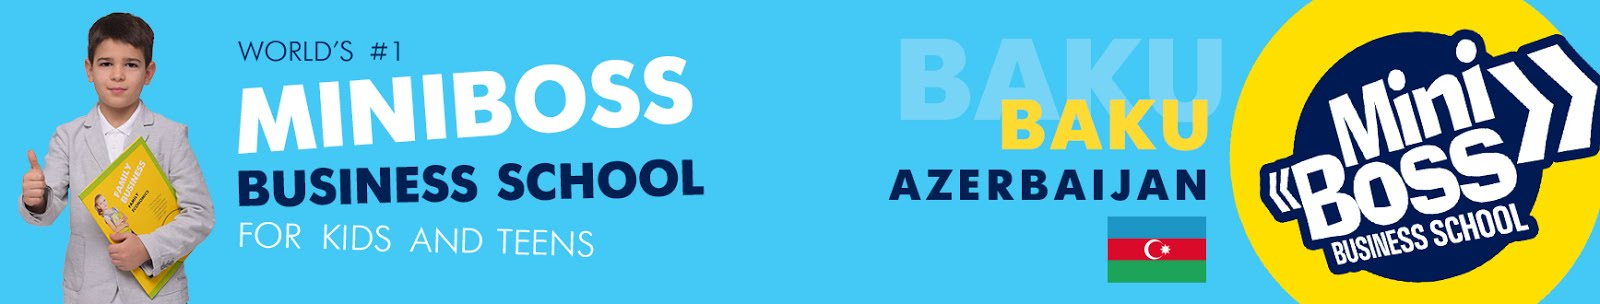 OFFICIAL WEB MINIBOSS BAKU (AZERBAIJAN)